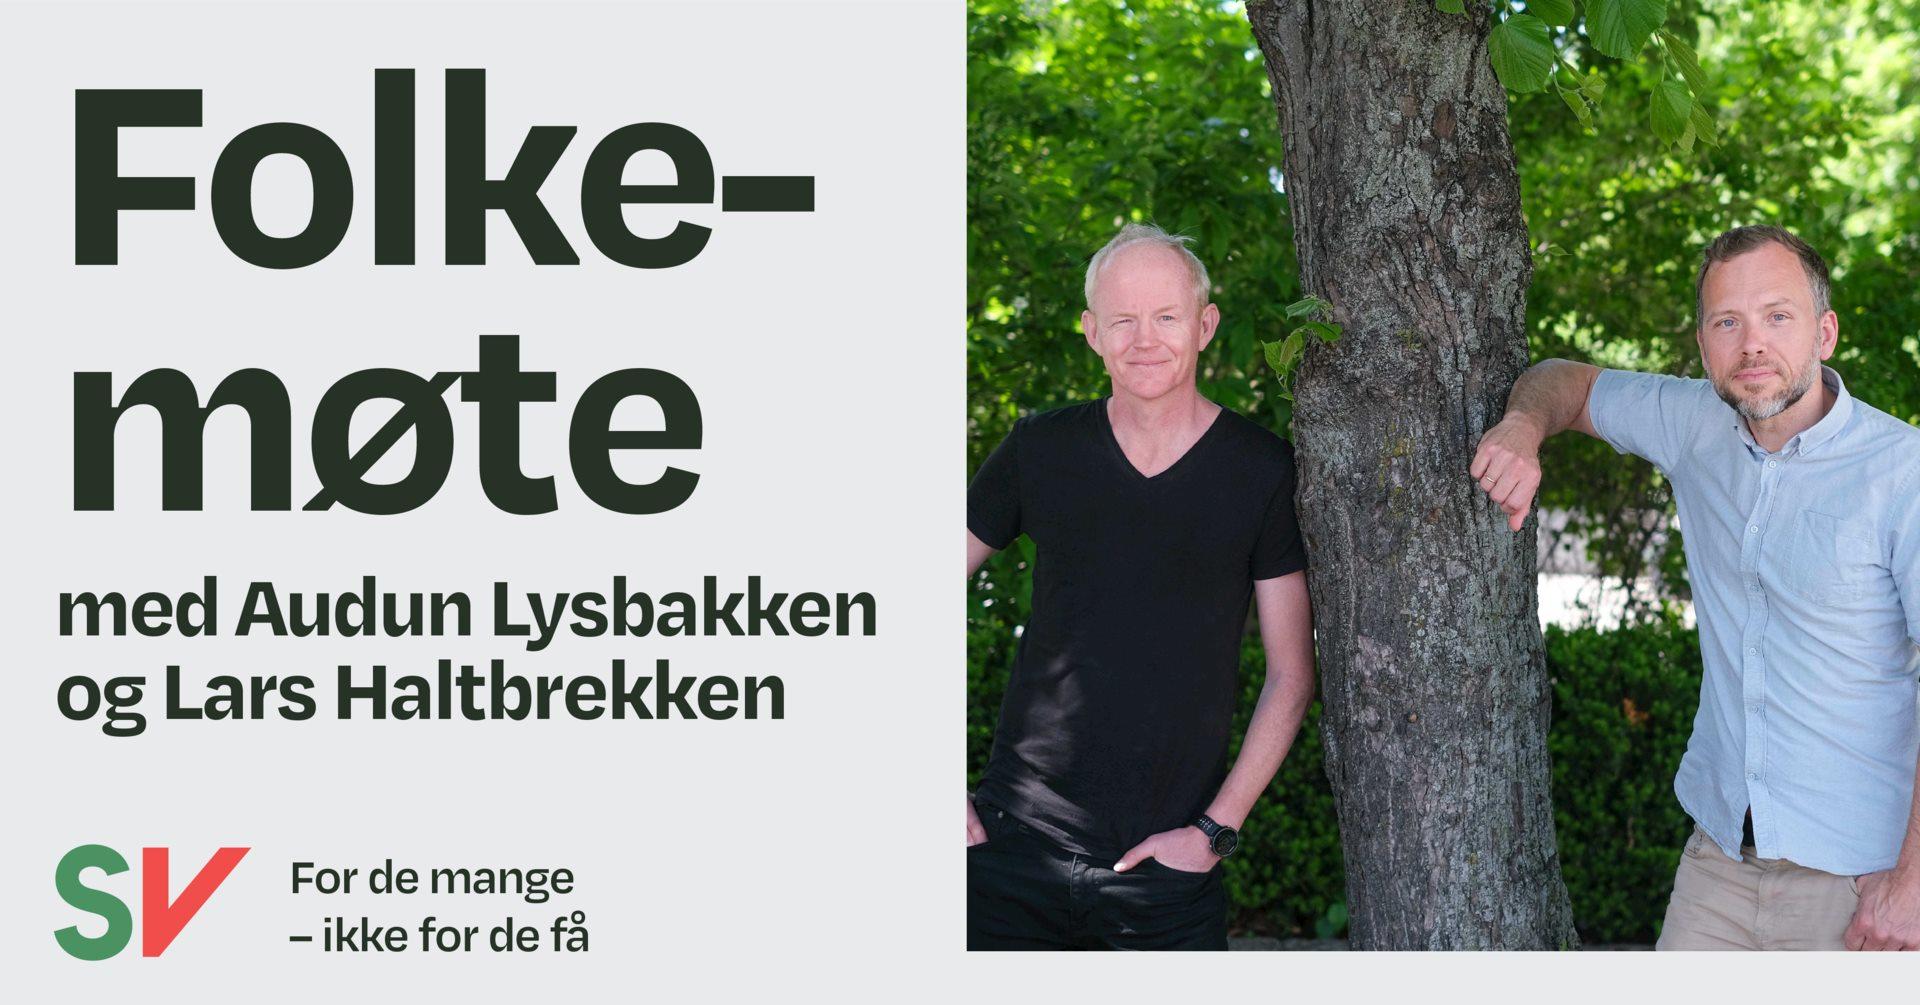 Folkemøte med Audun Lysbakken og Lars Haltbrekken 20. august